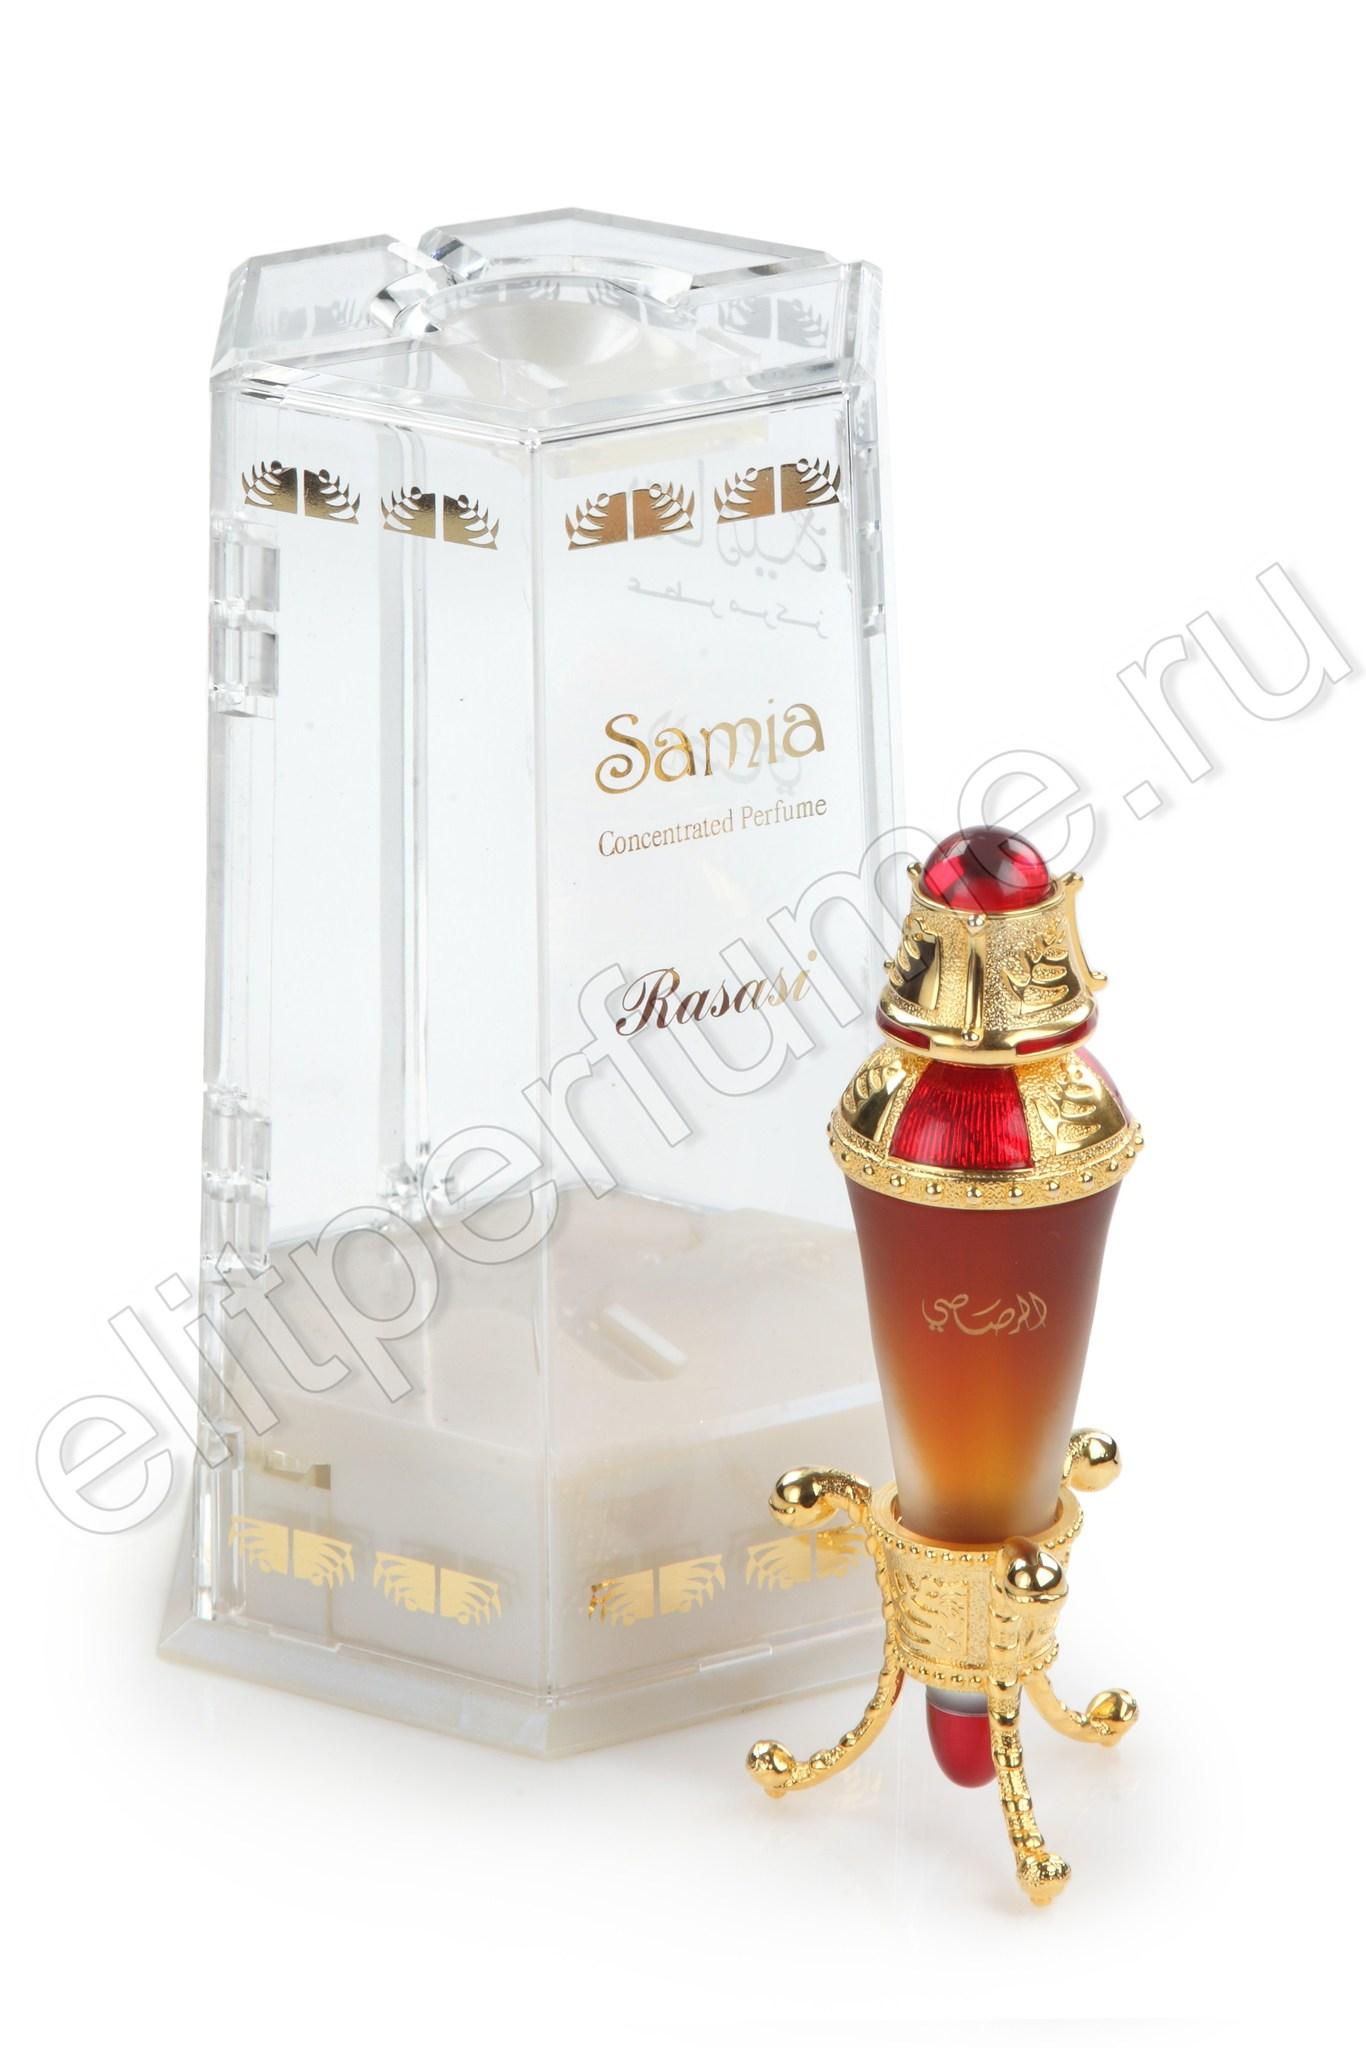 Пробники для арабских духов Самия Samia 1 мл арабские масляные духи от Расаси Rasasi Perfumes